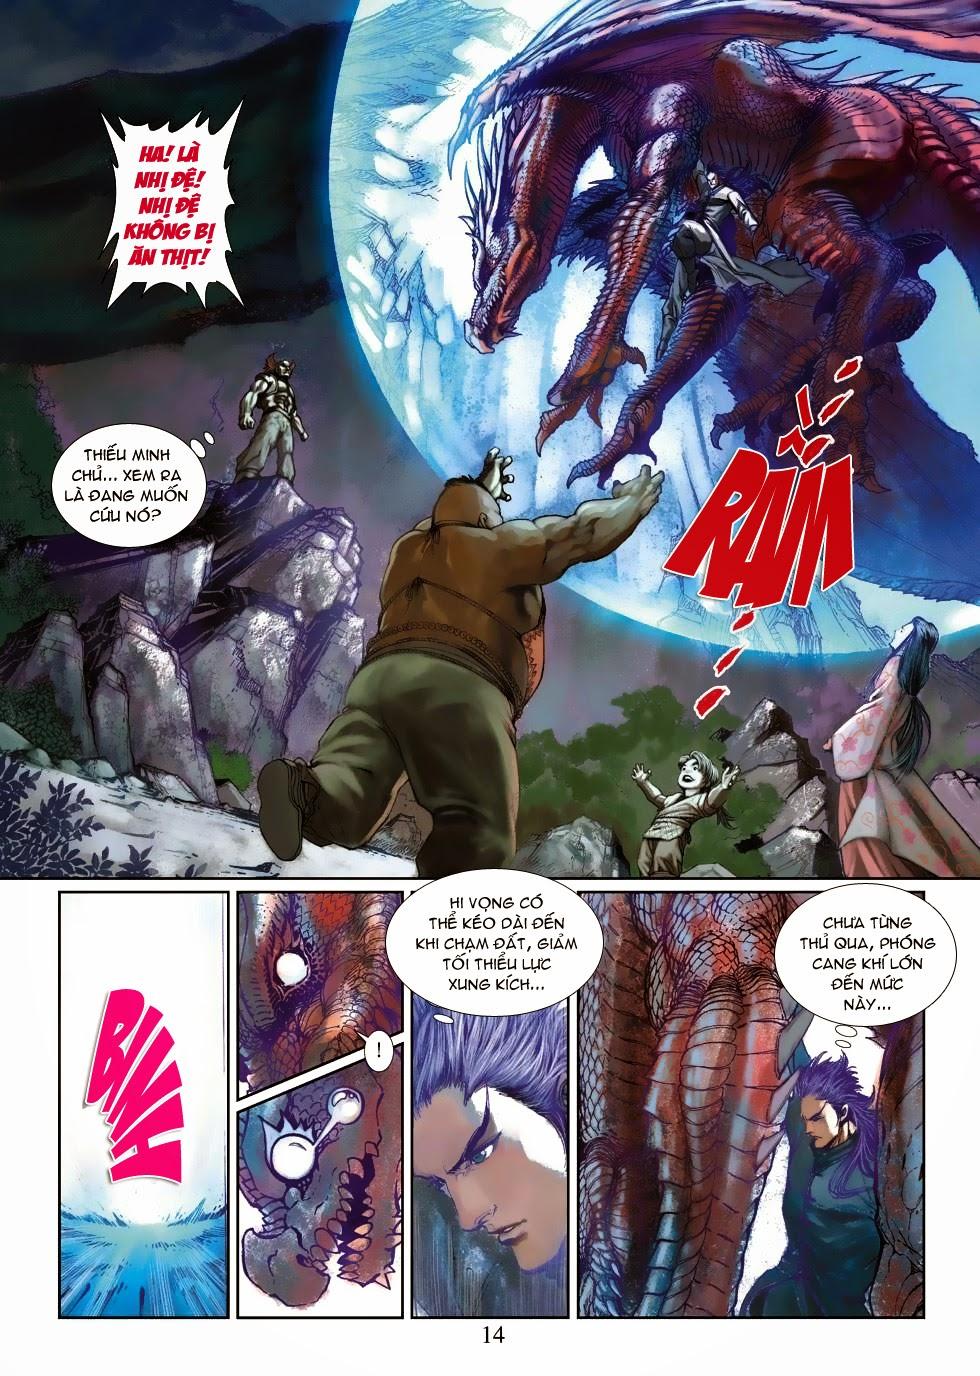 Thần Binh Tiền Truyện 4 - Huyền Thiên Tà Đế chap 3 - Trang 14